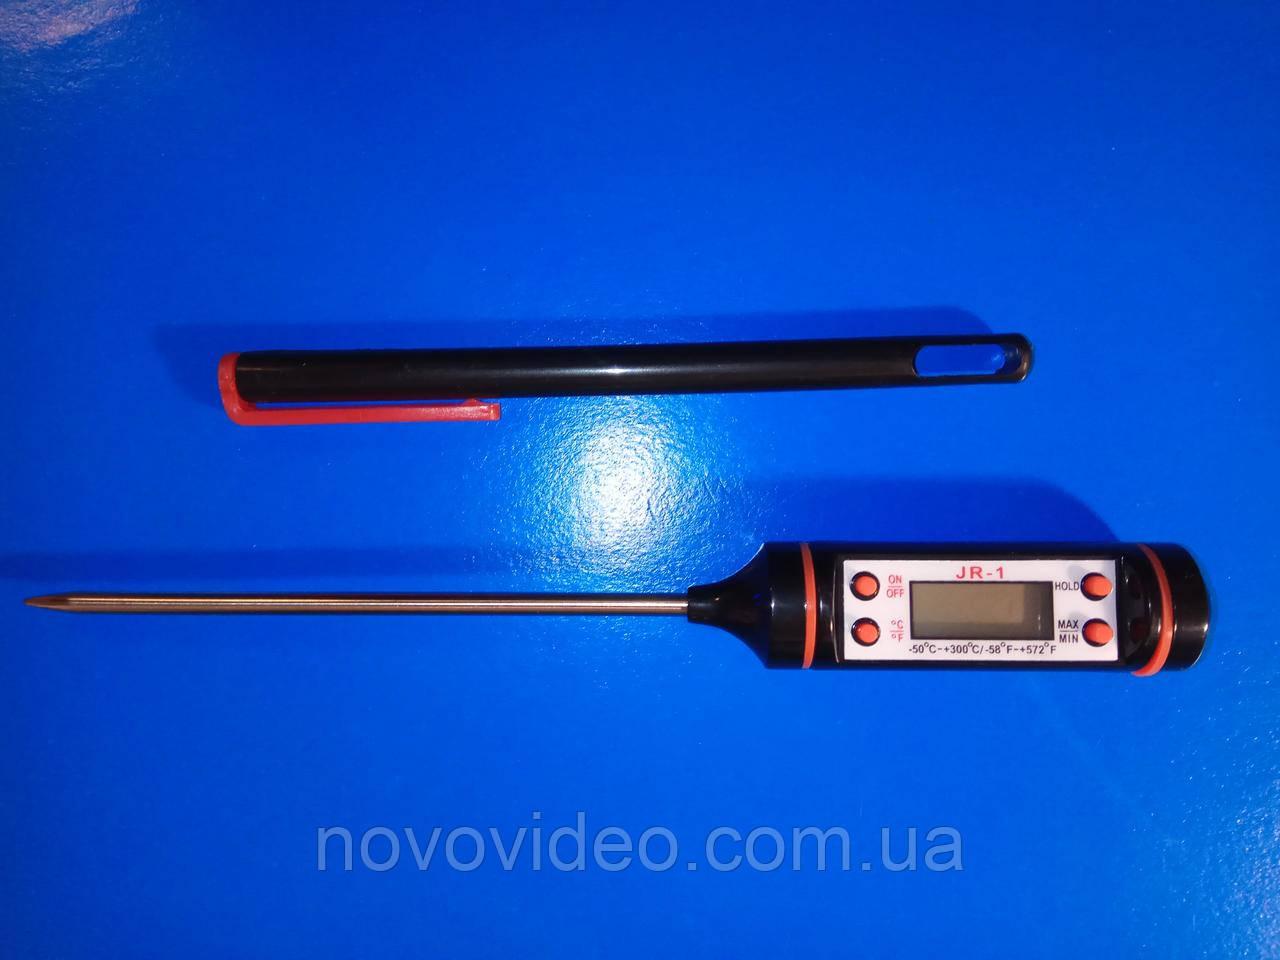 Термометр JR-1 с нержавеющим датчиком для пищи, почвы, жидкости